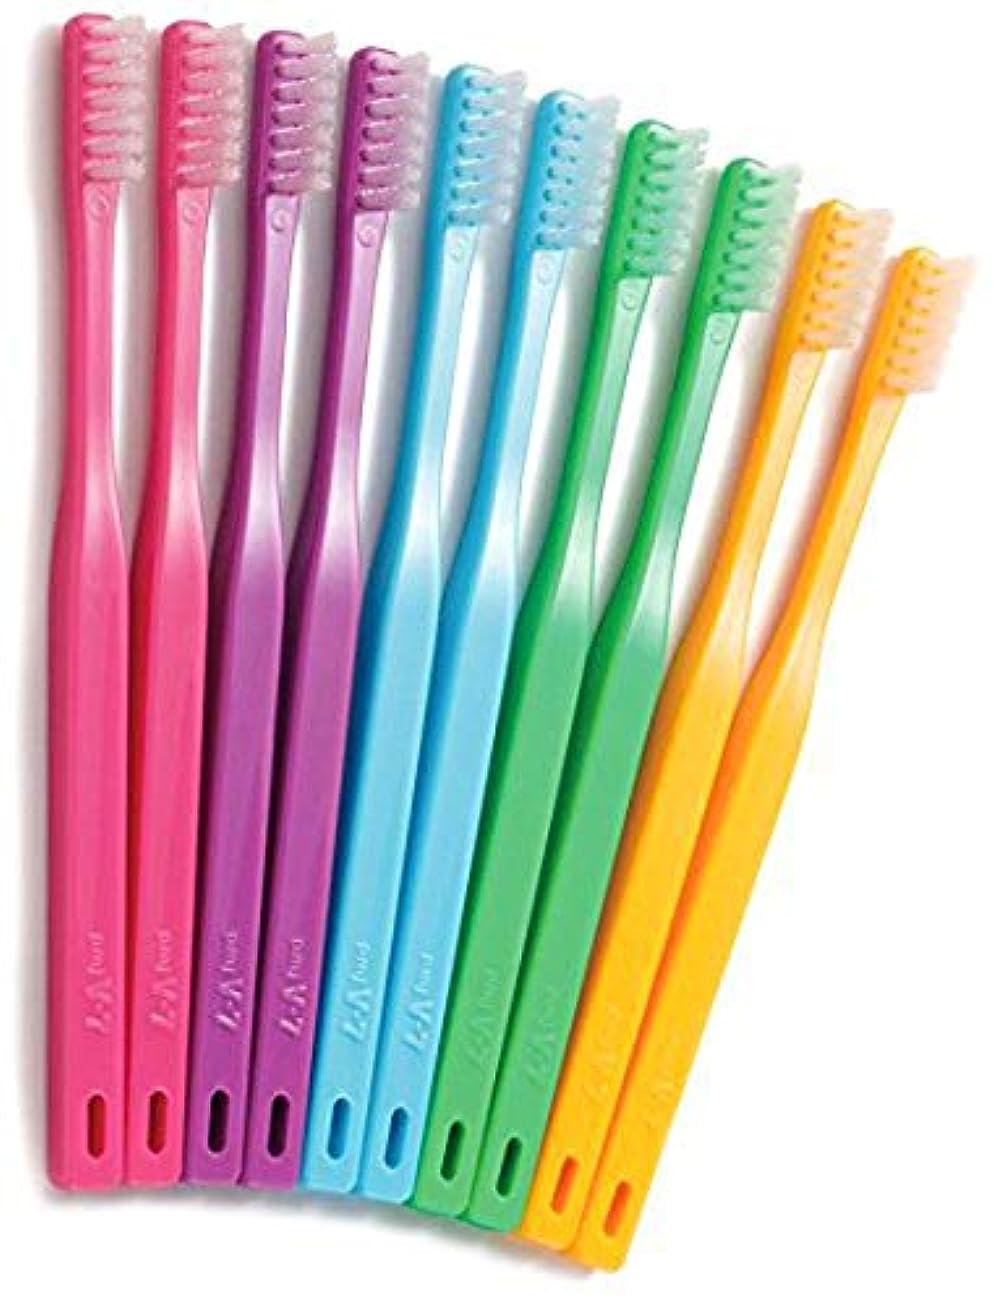 閲覧する虚弱人類つまようじ法歯ブラシ V-7 ビビッドカラー レギュラーヘッド 5本